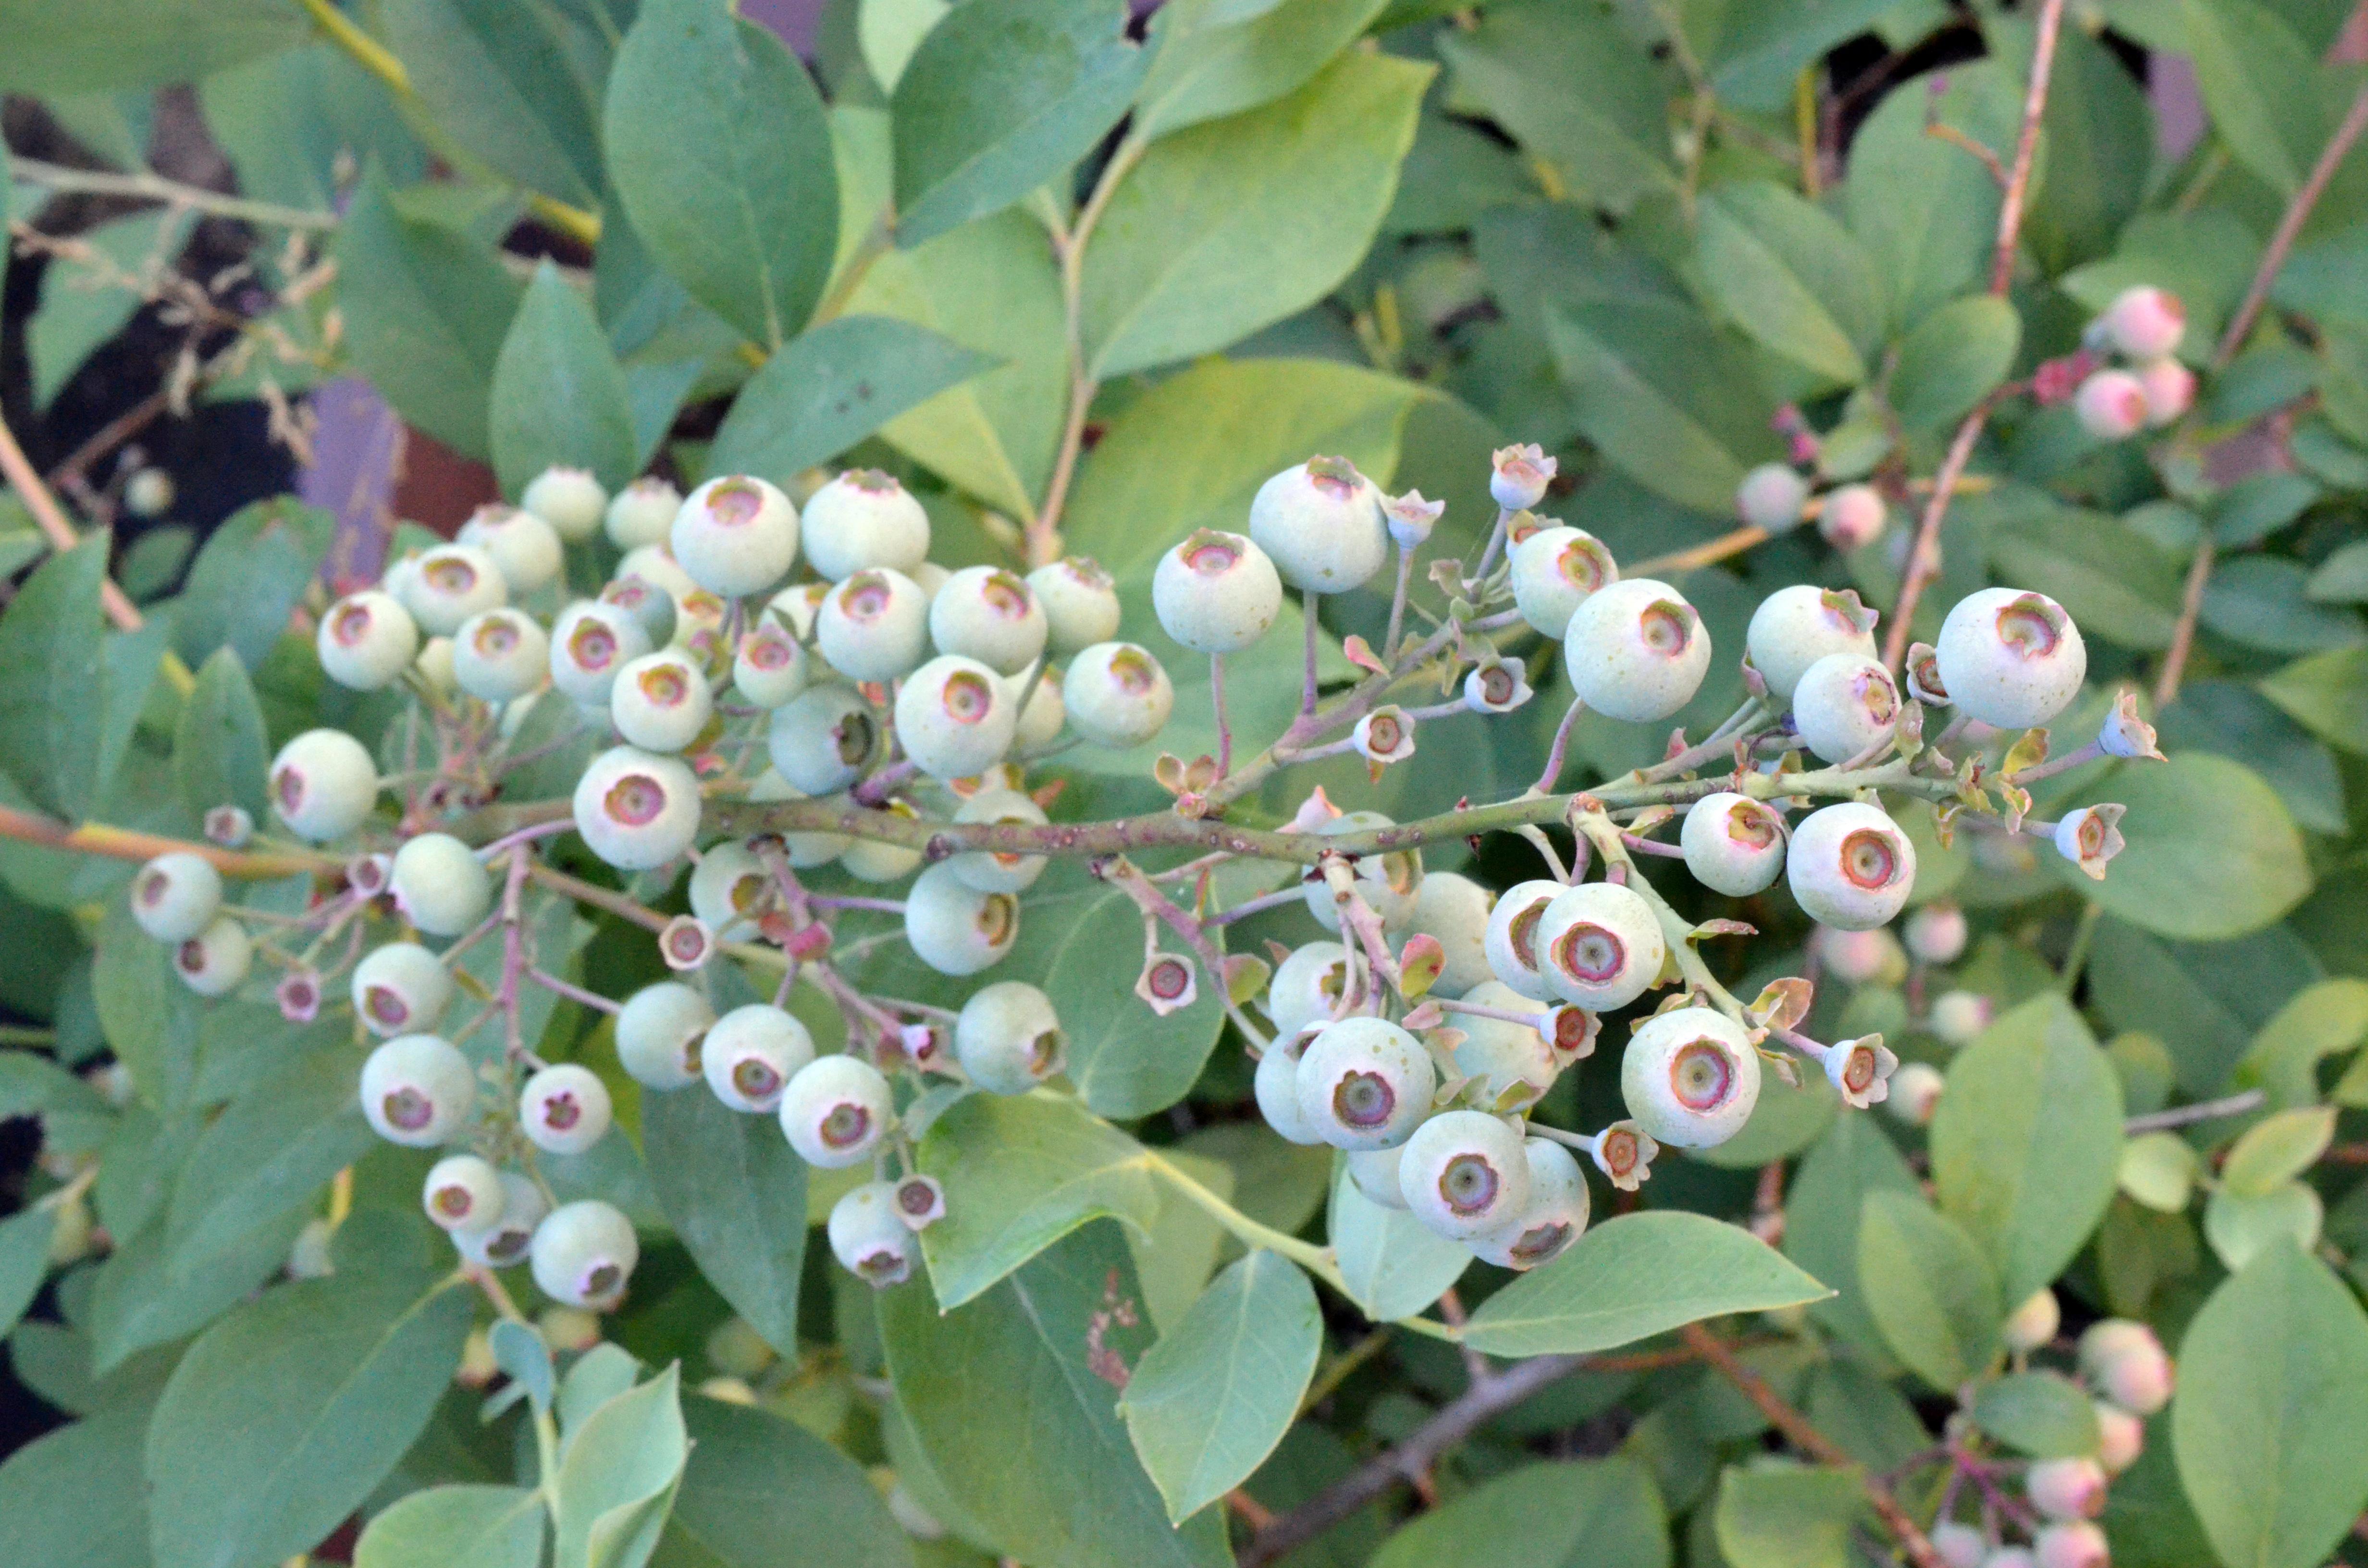 ブルーベリーが実をつけるには 非常にたくさんの種類や品種があるブルーベリー。同じ系統の中から二品種以上を選んで植えた方がよく実がなると言われています。  おすすめは「ラビットアイ系」 「ラビットアイ系」は暖地型とも言われますが、生育旺盛でここ金沢の雪にも負けず育っています。植えつけてしまえば後は肥料をやるくらいという私得意の放置農法です。剪定もしない…のでちょっと申し訳ない気持ちになりますが、それでも夏にはたくさんの実をつけてくれています。もしこんな風に後々地植えされるのであれば、「ラビットアイ系」はとっても丈夫なのでオススメですよ♪